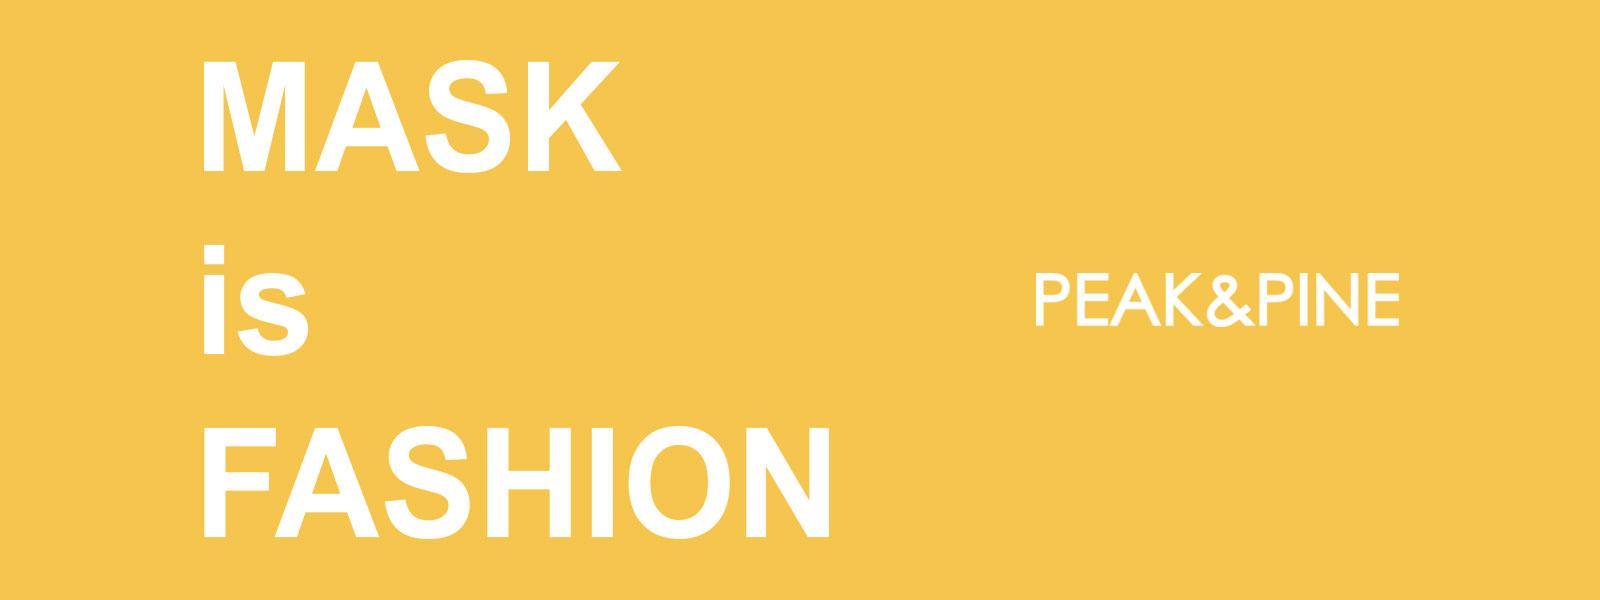 MASK is FASHION 洗える水着素材のUVカットマスク